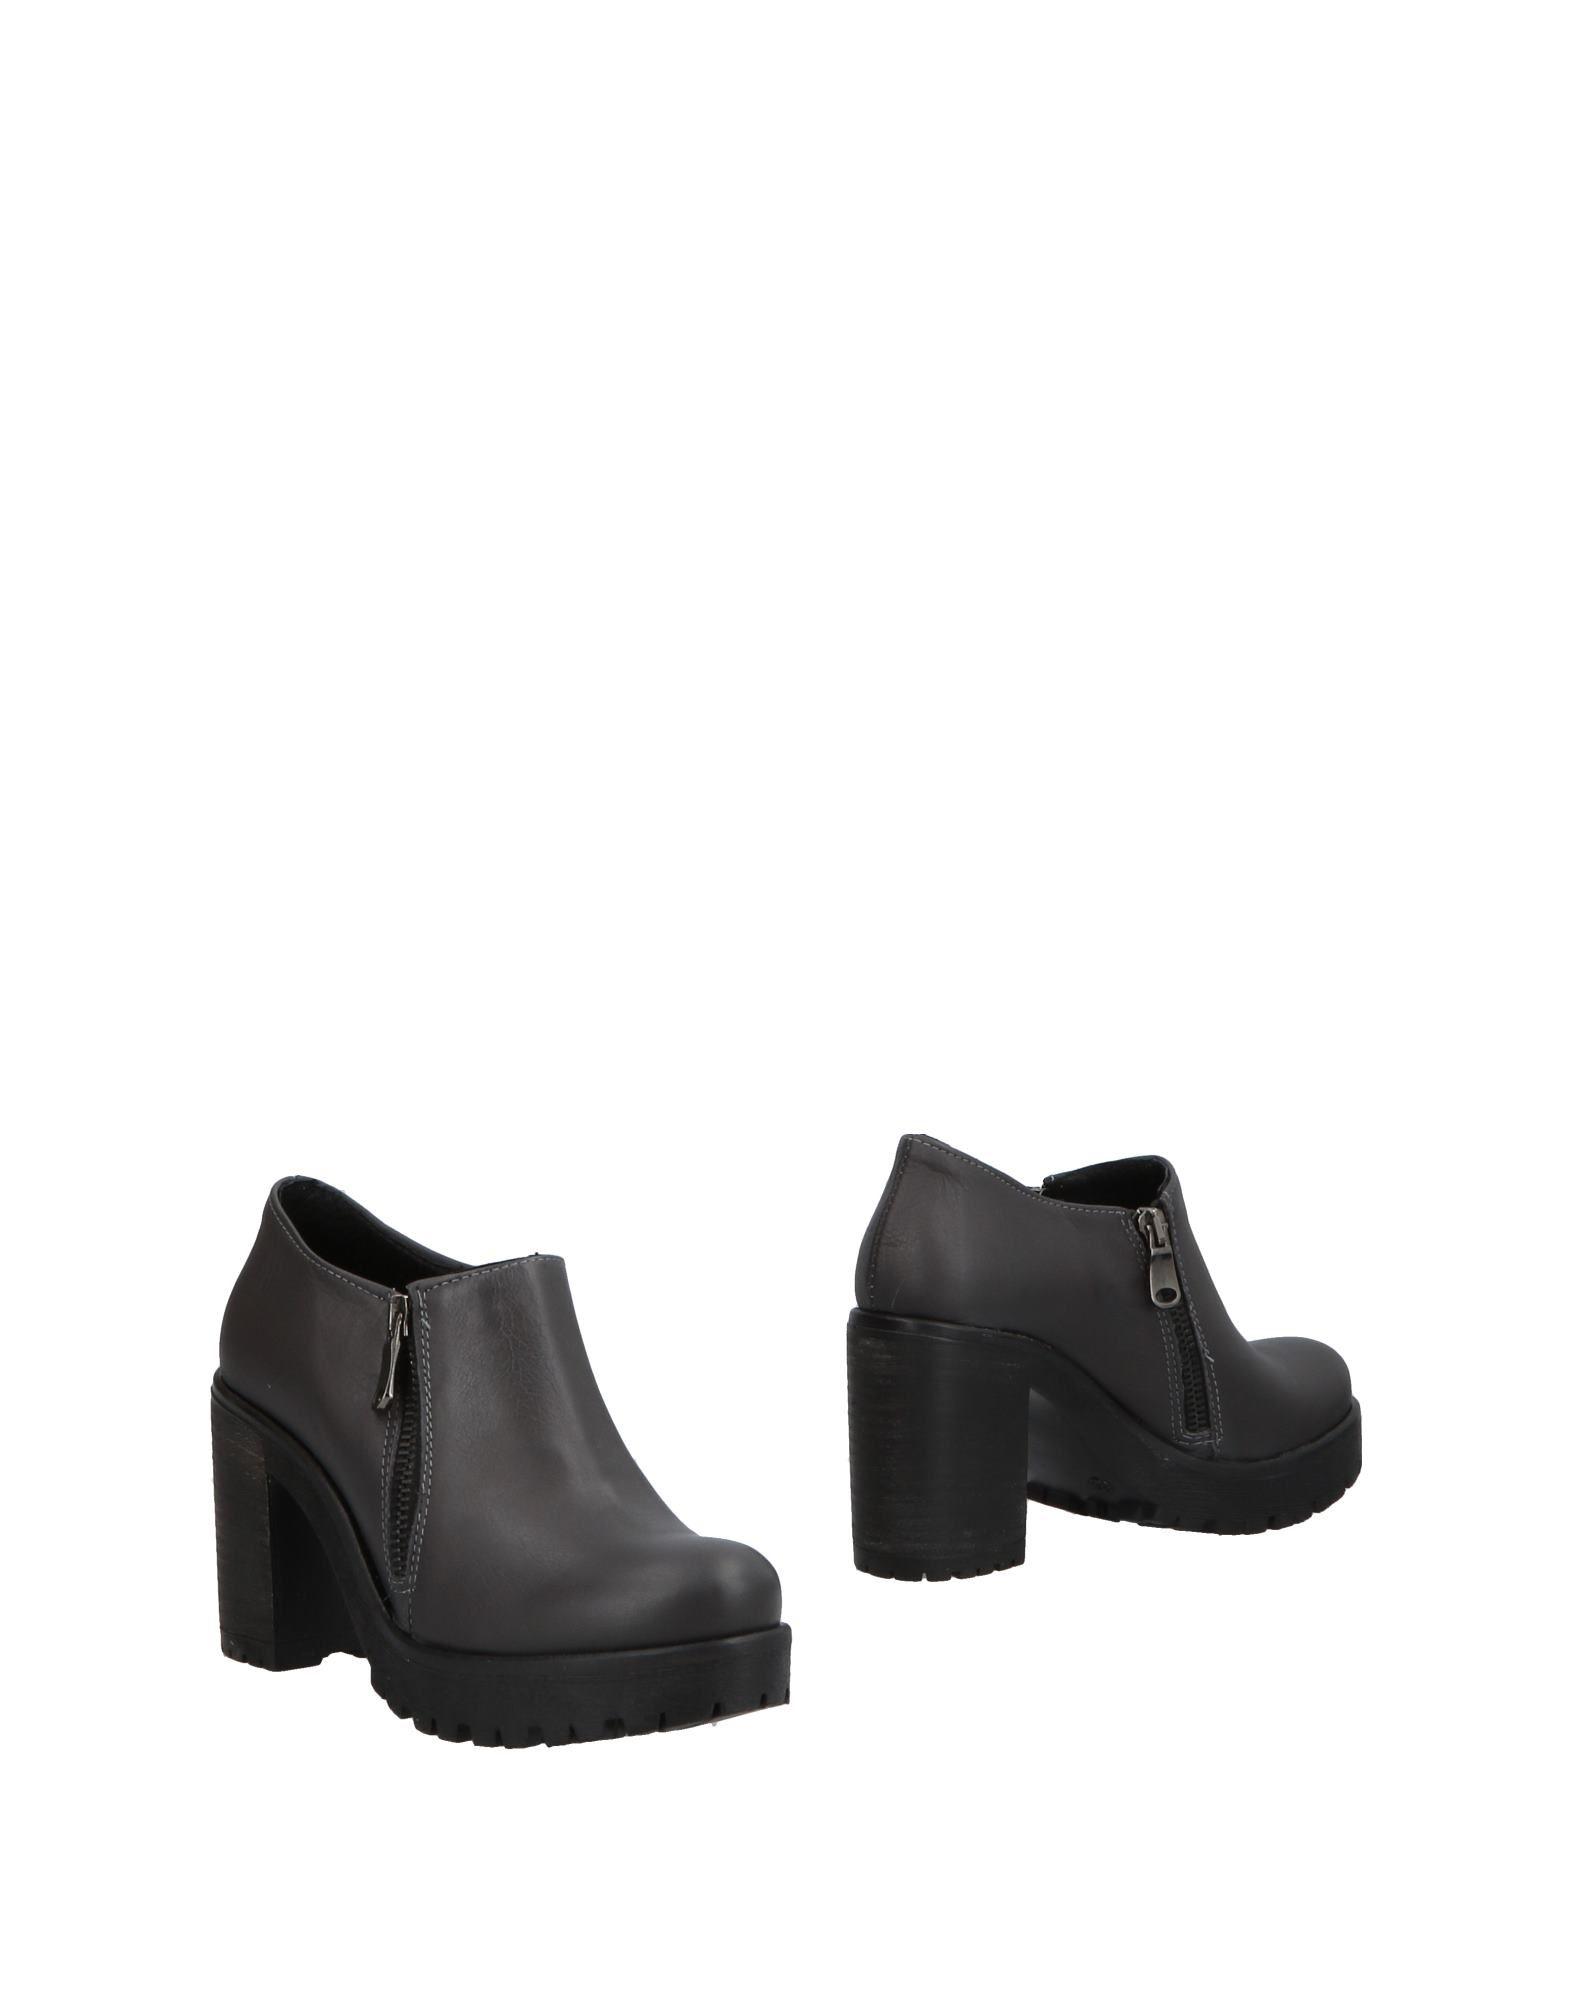 Echo Stiefelette Damen  11506965QR Gute Qualität beliebte Schuhe